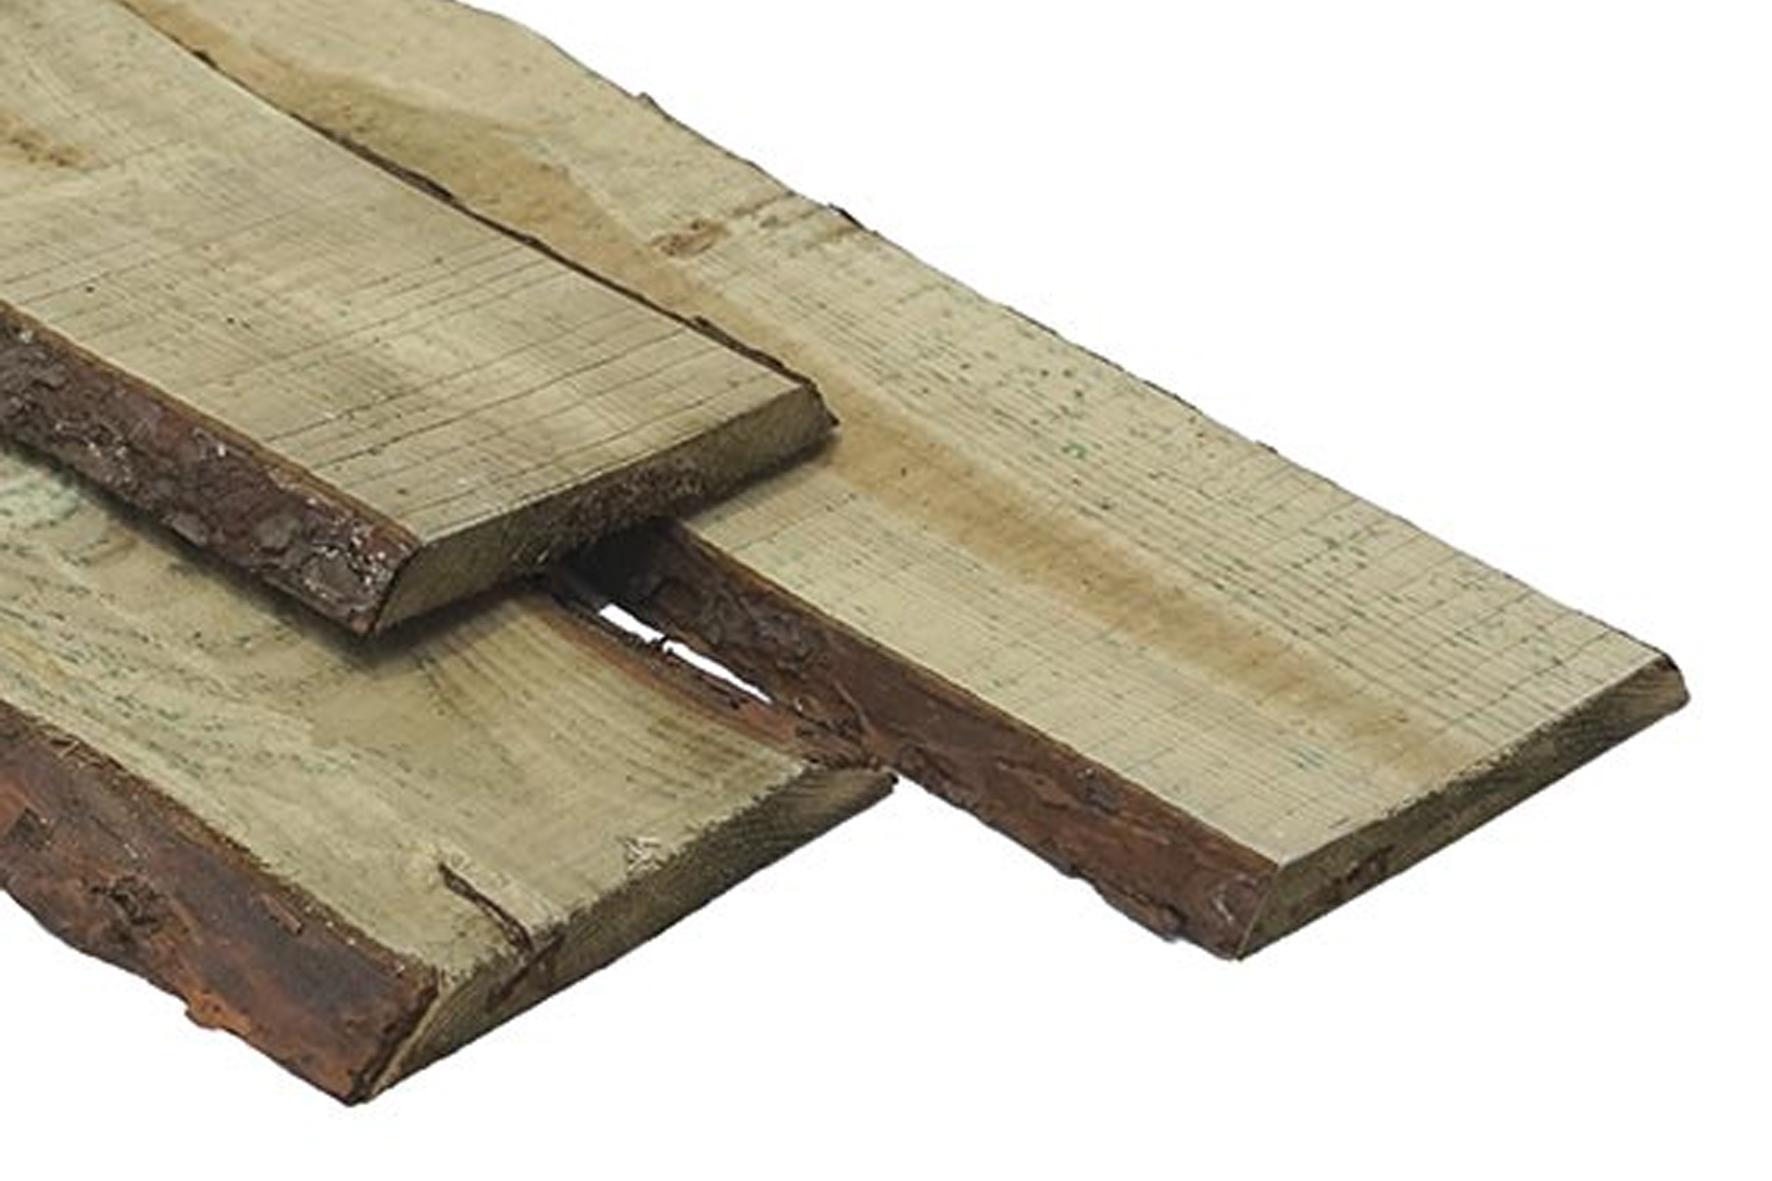 planche sapin bardage ecorce achat en ligne ou dans notre magasin. Black Bedroom Furniture Sets. Home Design Ideas